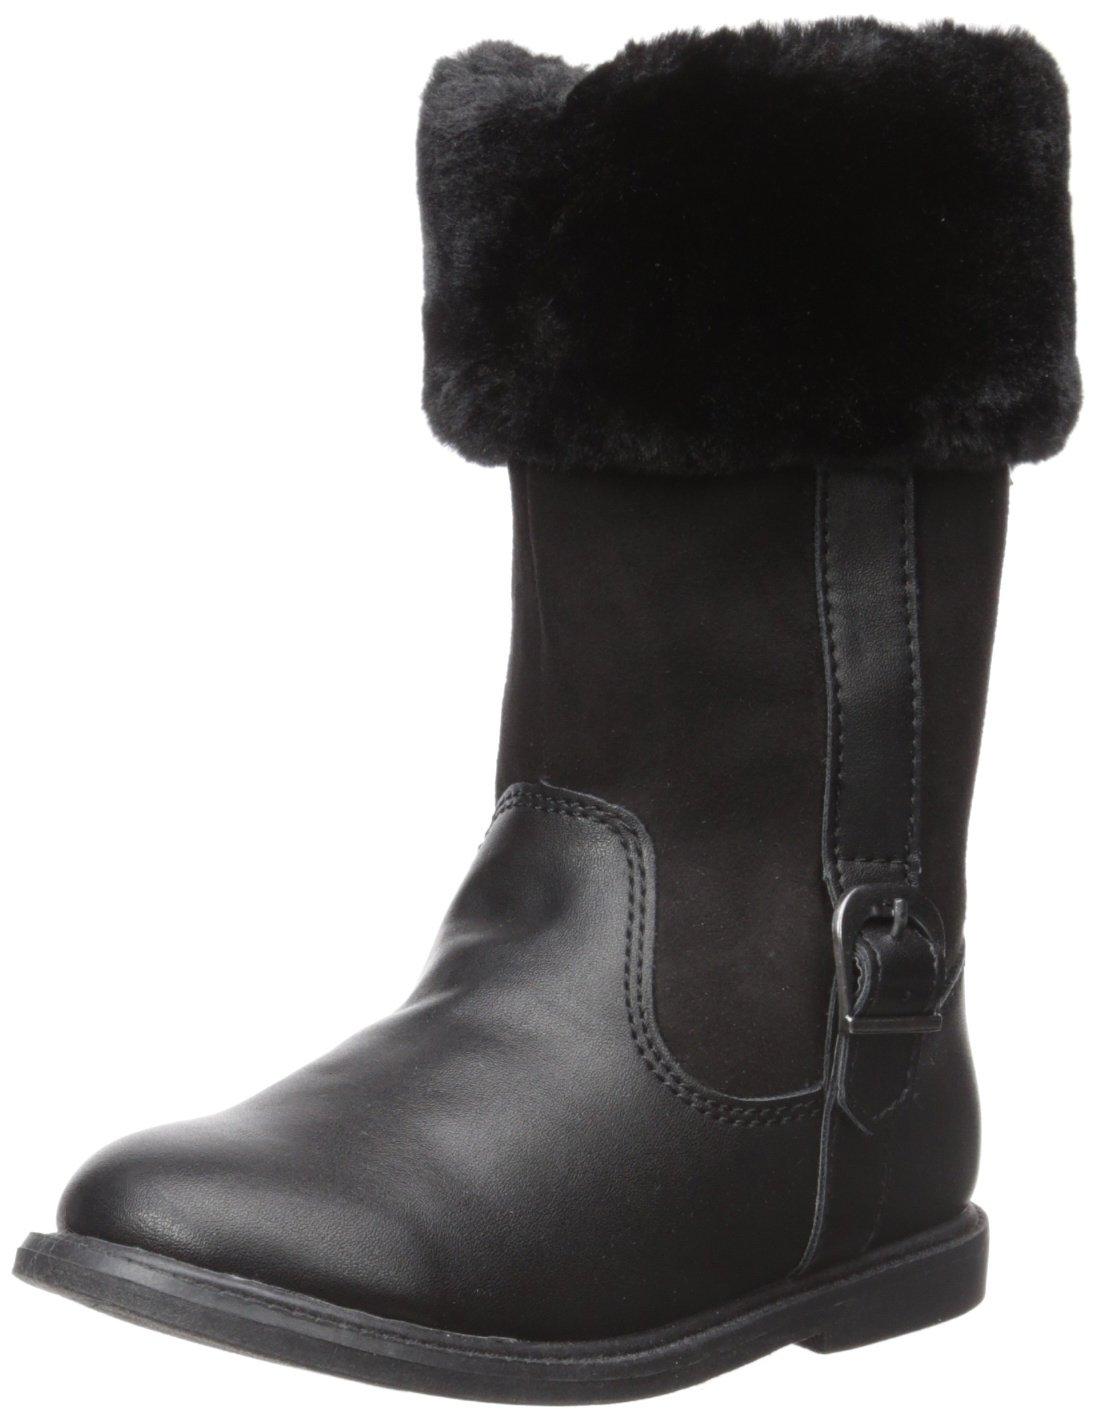 Carter's Girls' Tampico Fashion Boot, Black, 10 M US Toddler